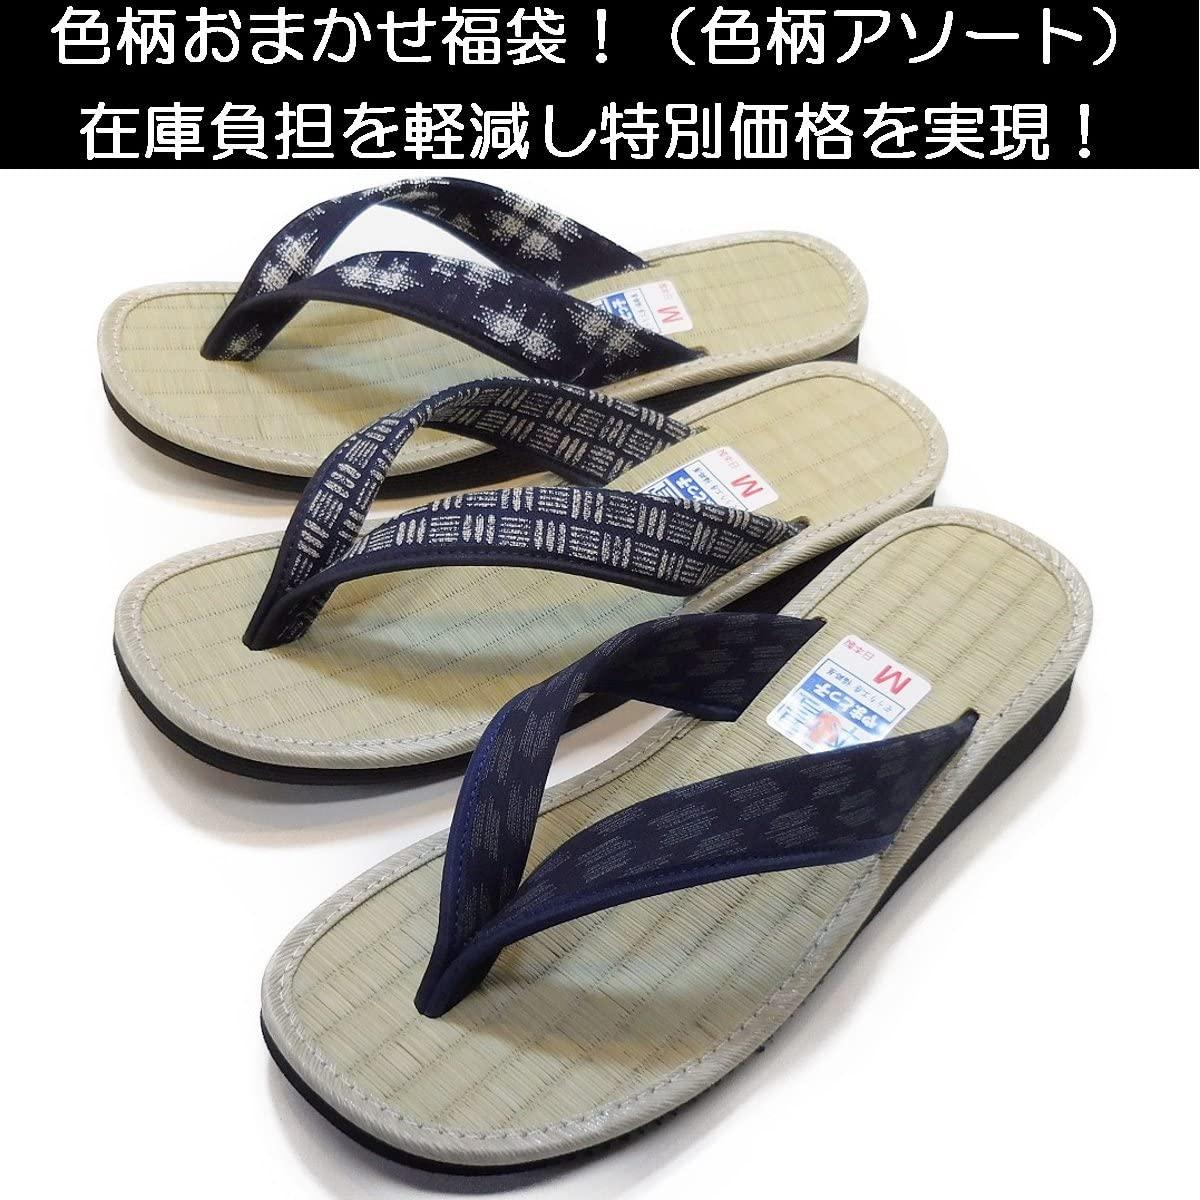 やまとっ子(ヤマトッコ)本畳ぞうり 男性用の商品画像5